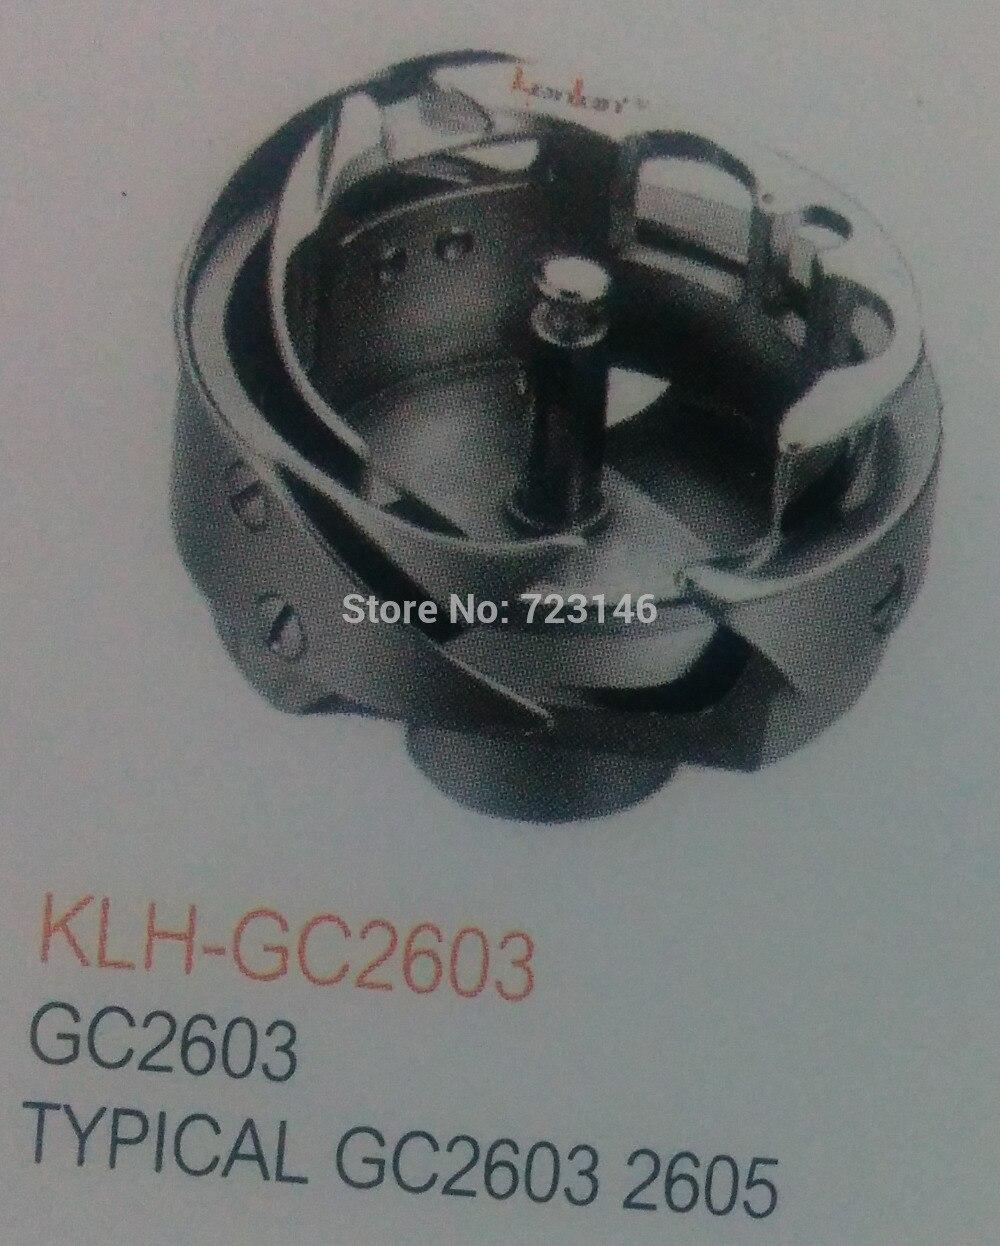 ROTARY HAKEN KLH-GC2603 FÜR GC2603 TYPISCHE GC2603 2605